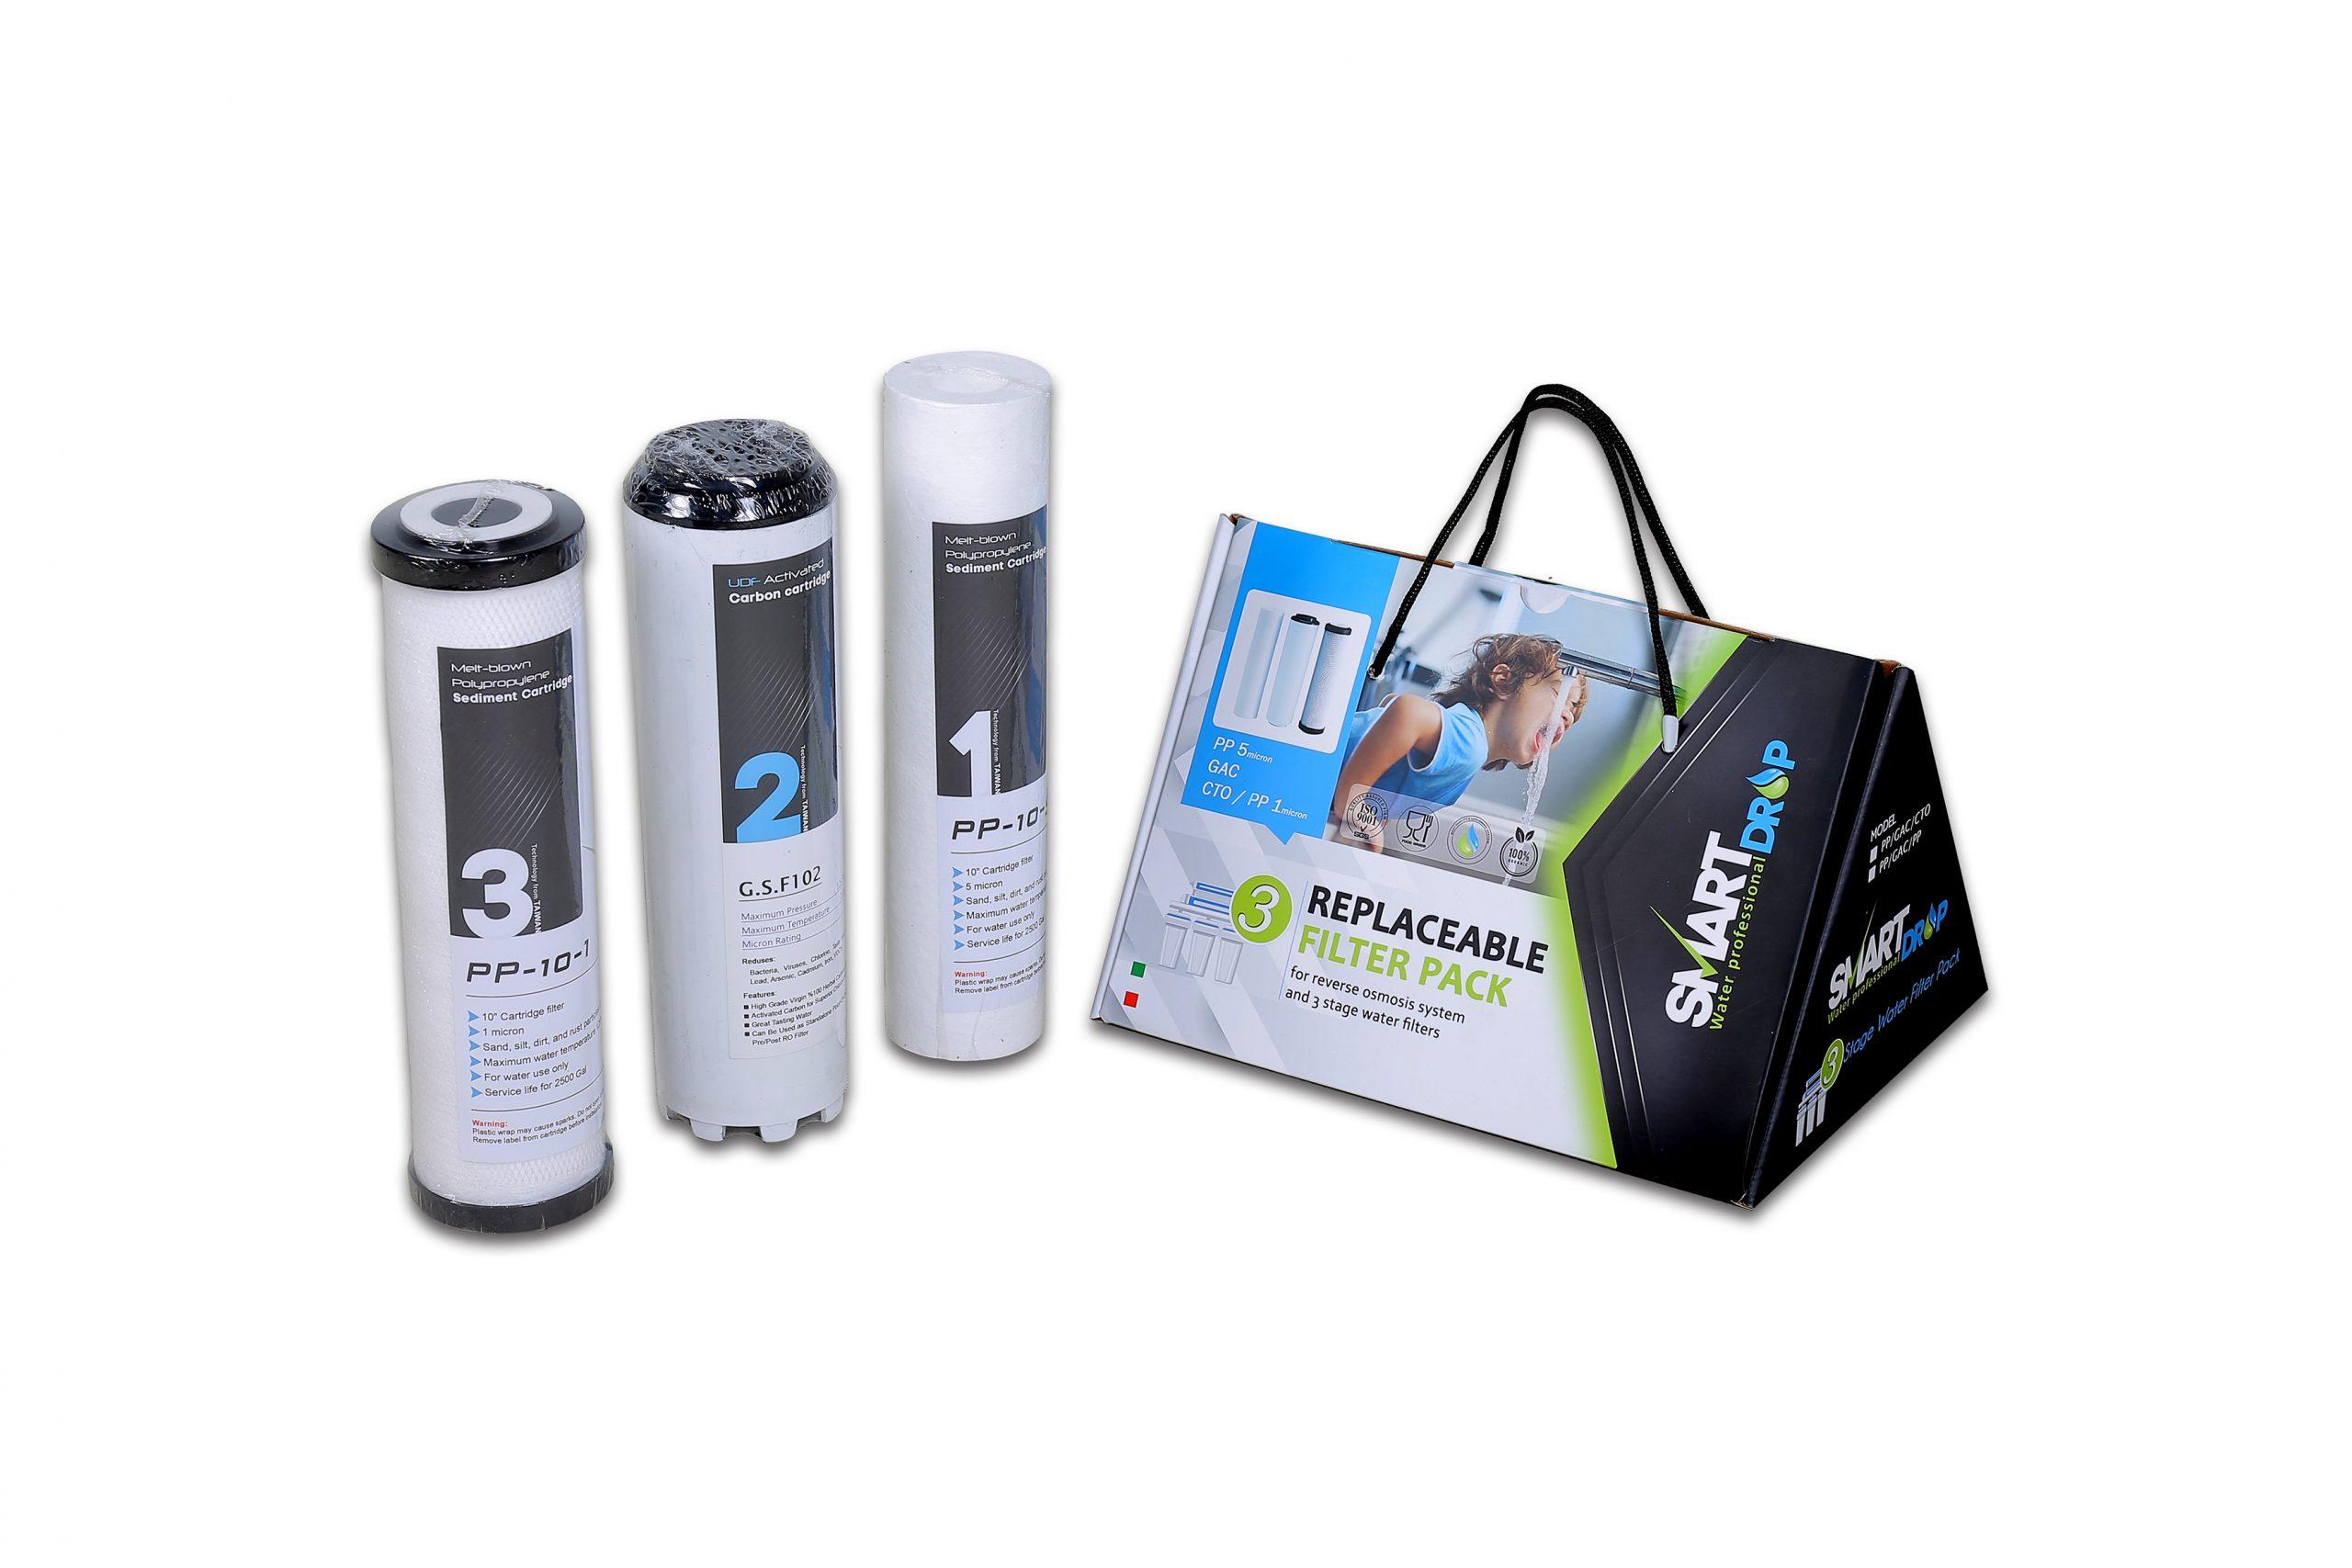 مجموعه سه عددی فیلتر دستگاه تصفیه آب